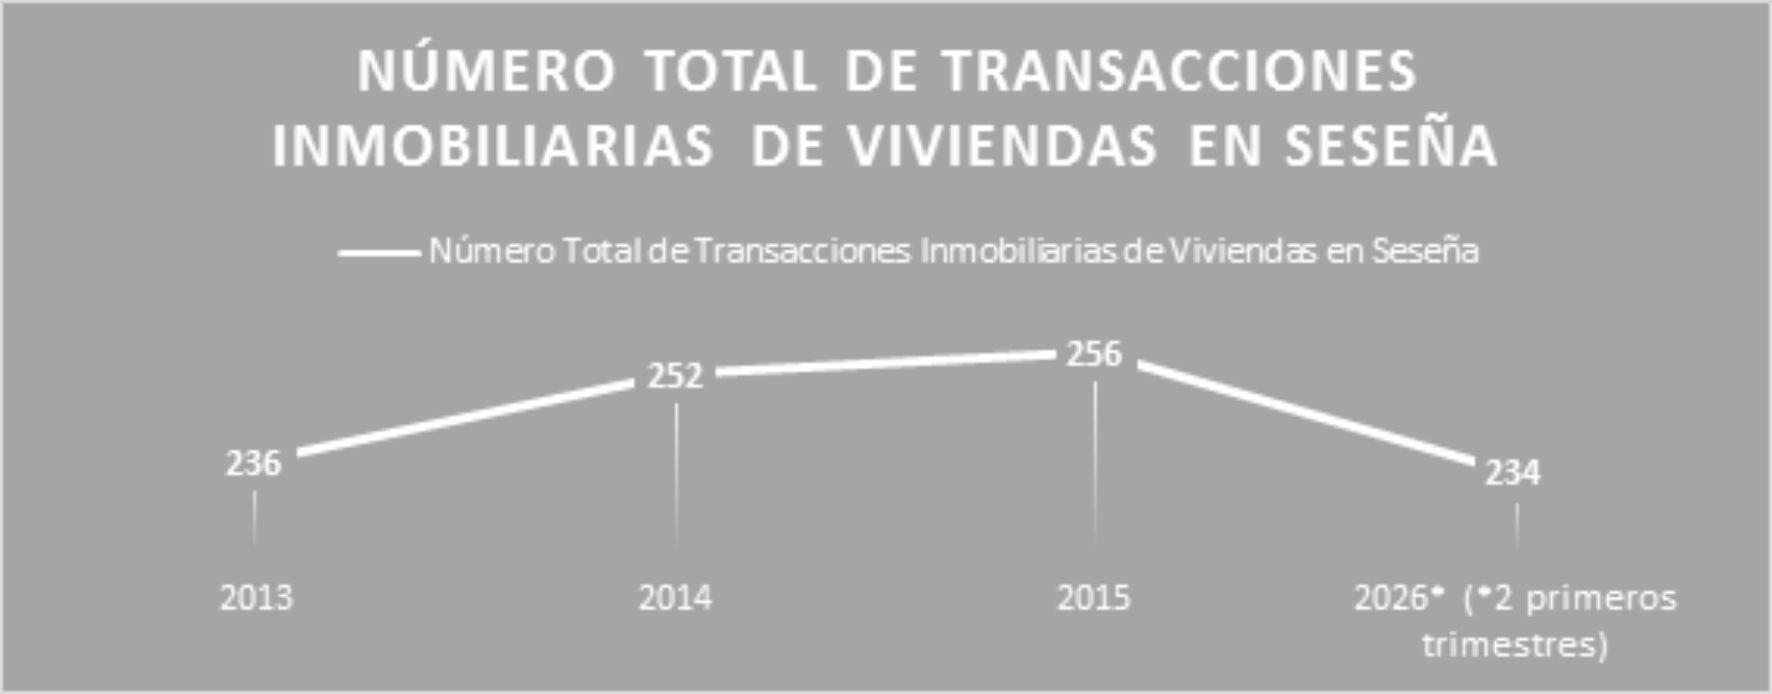 Foto de GRÁFICA NÚMERO TOTAL DE TRANSACCIONES INMOBILIARIAS DE